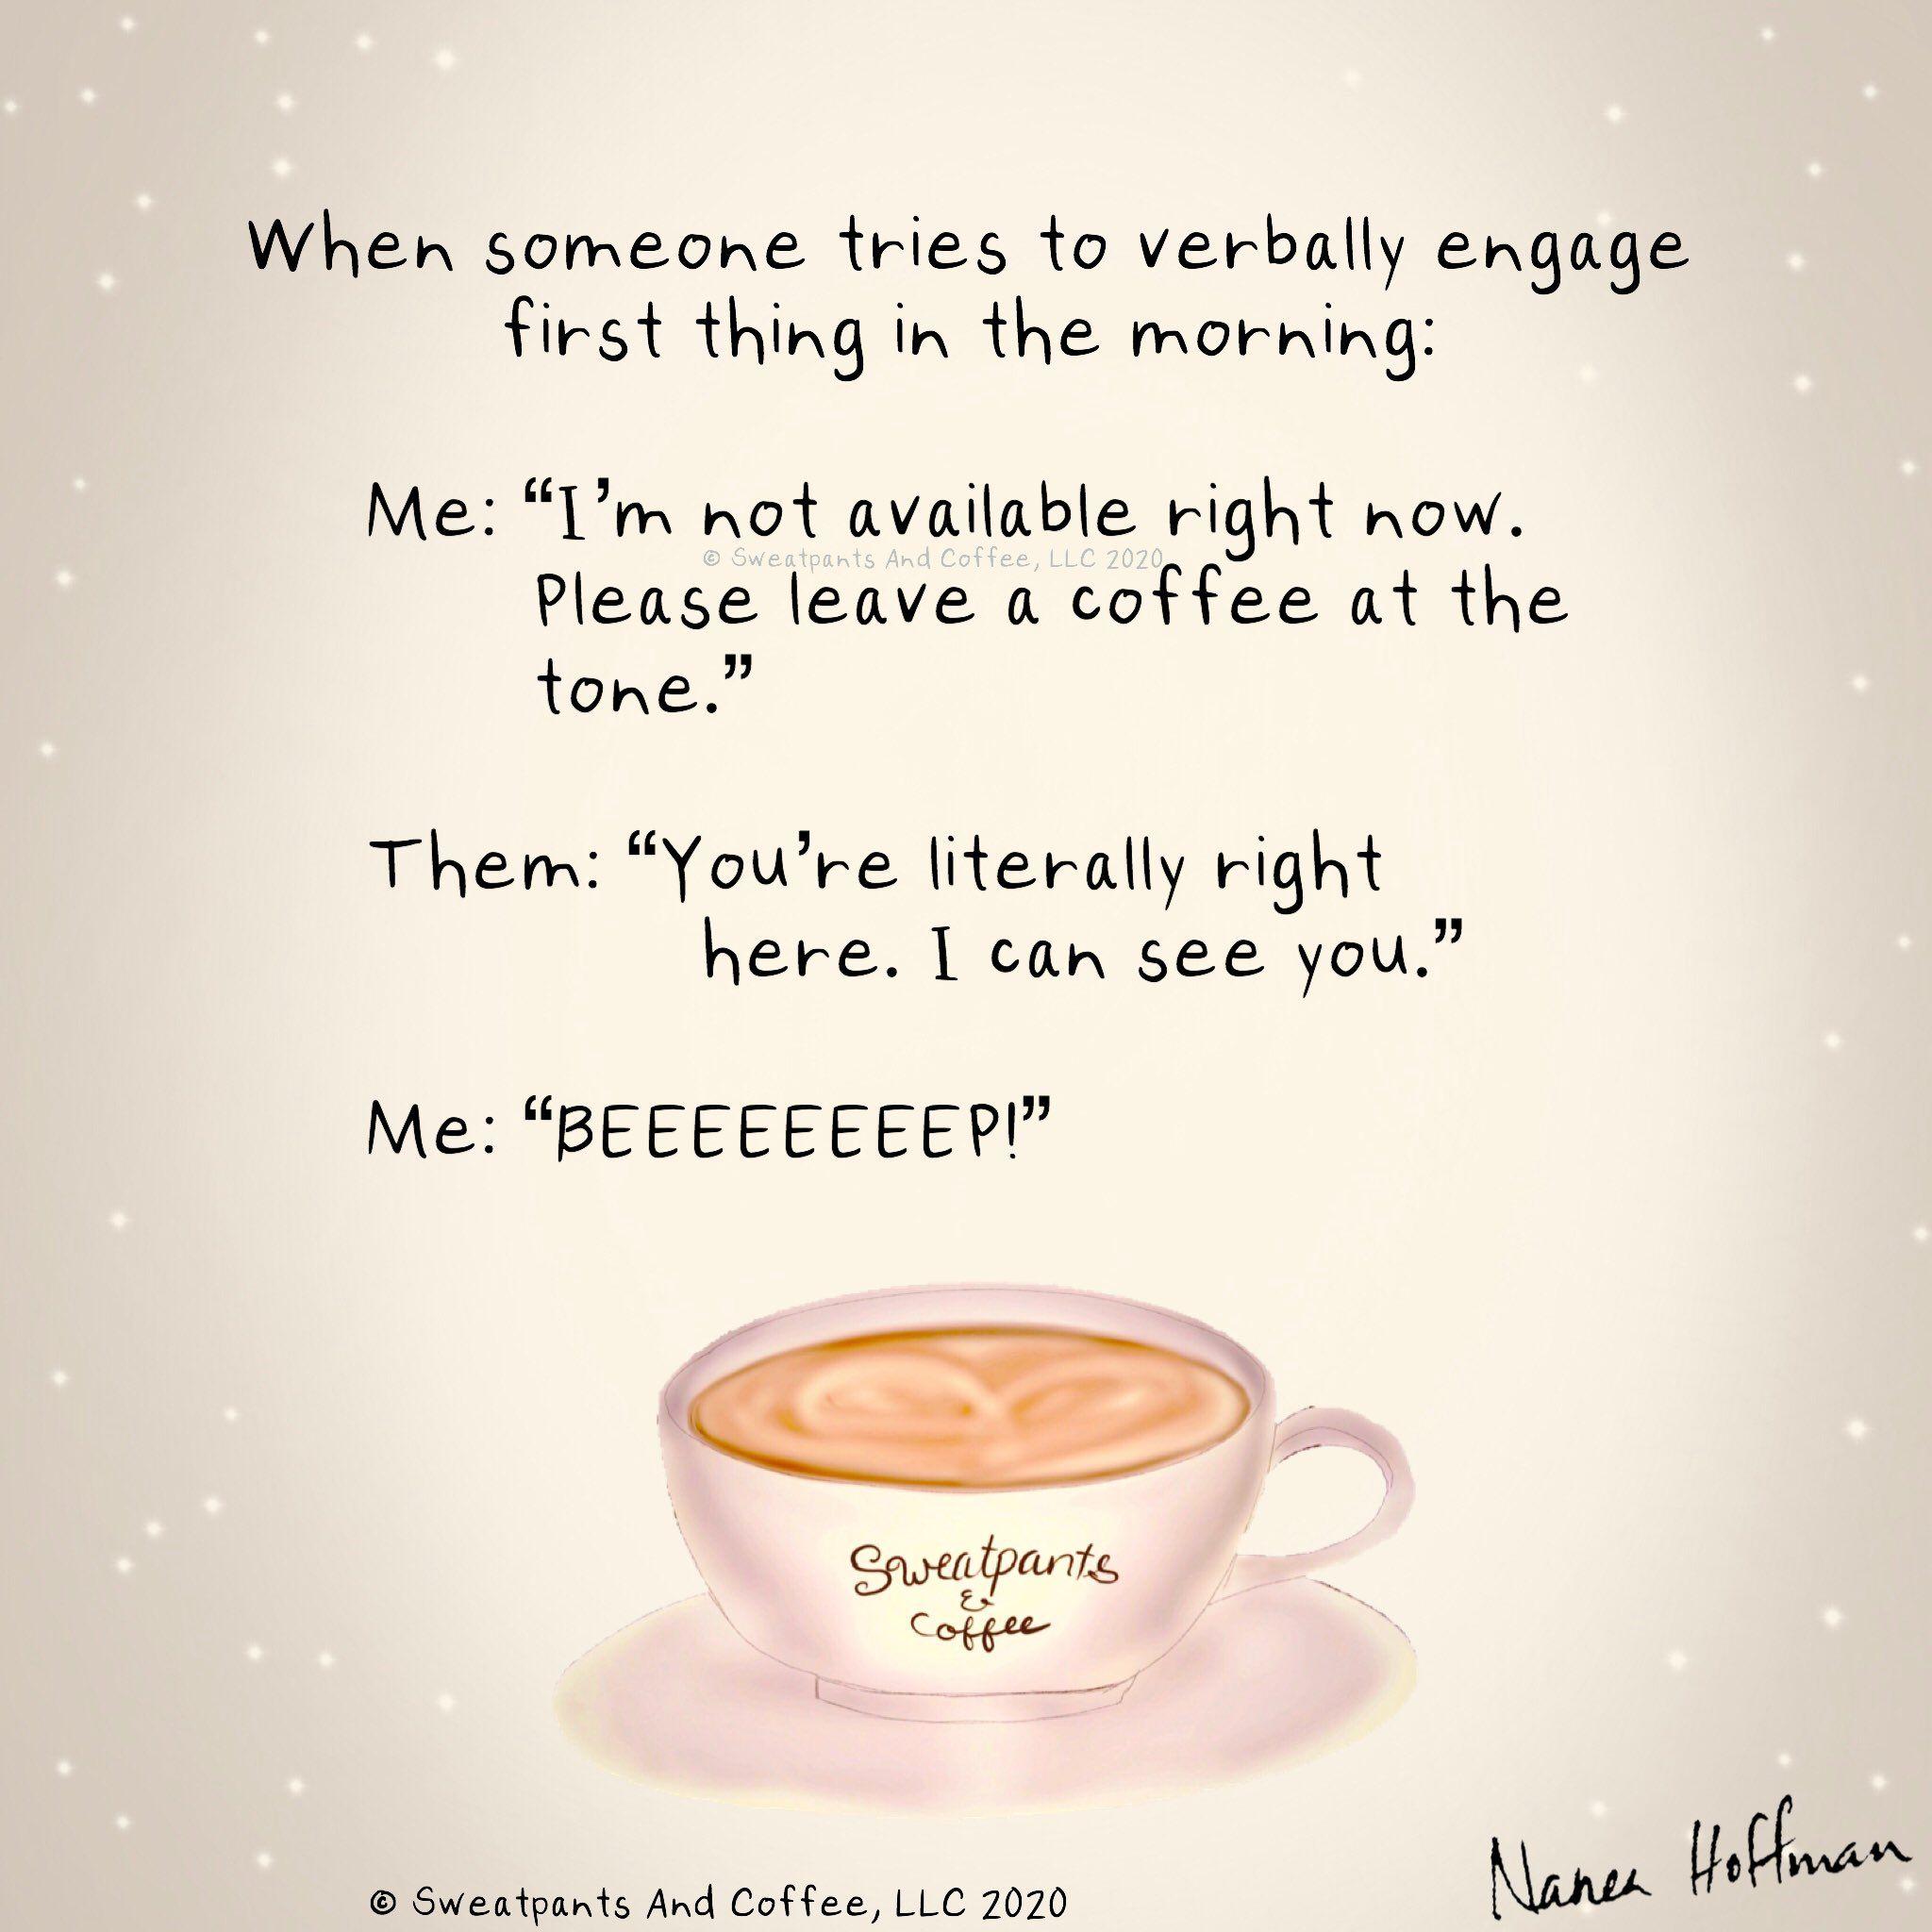 Sweatpants & Coffee on Twitter: